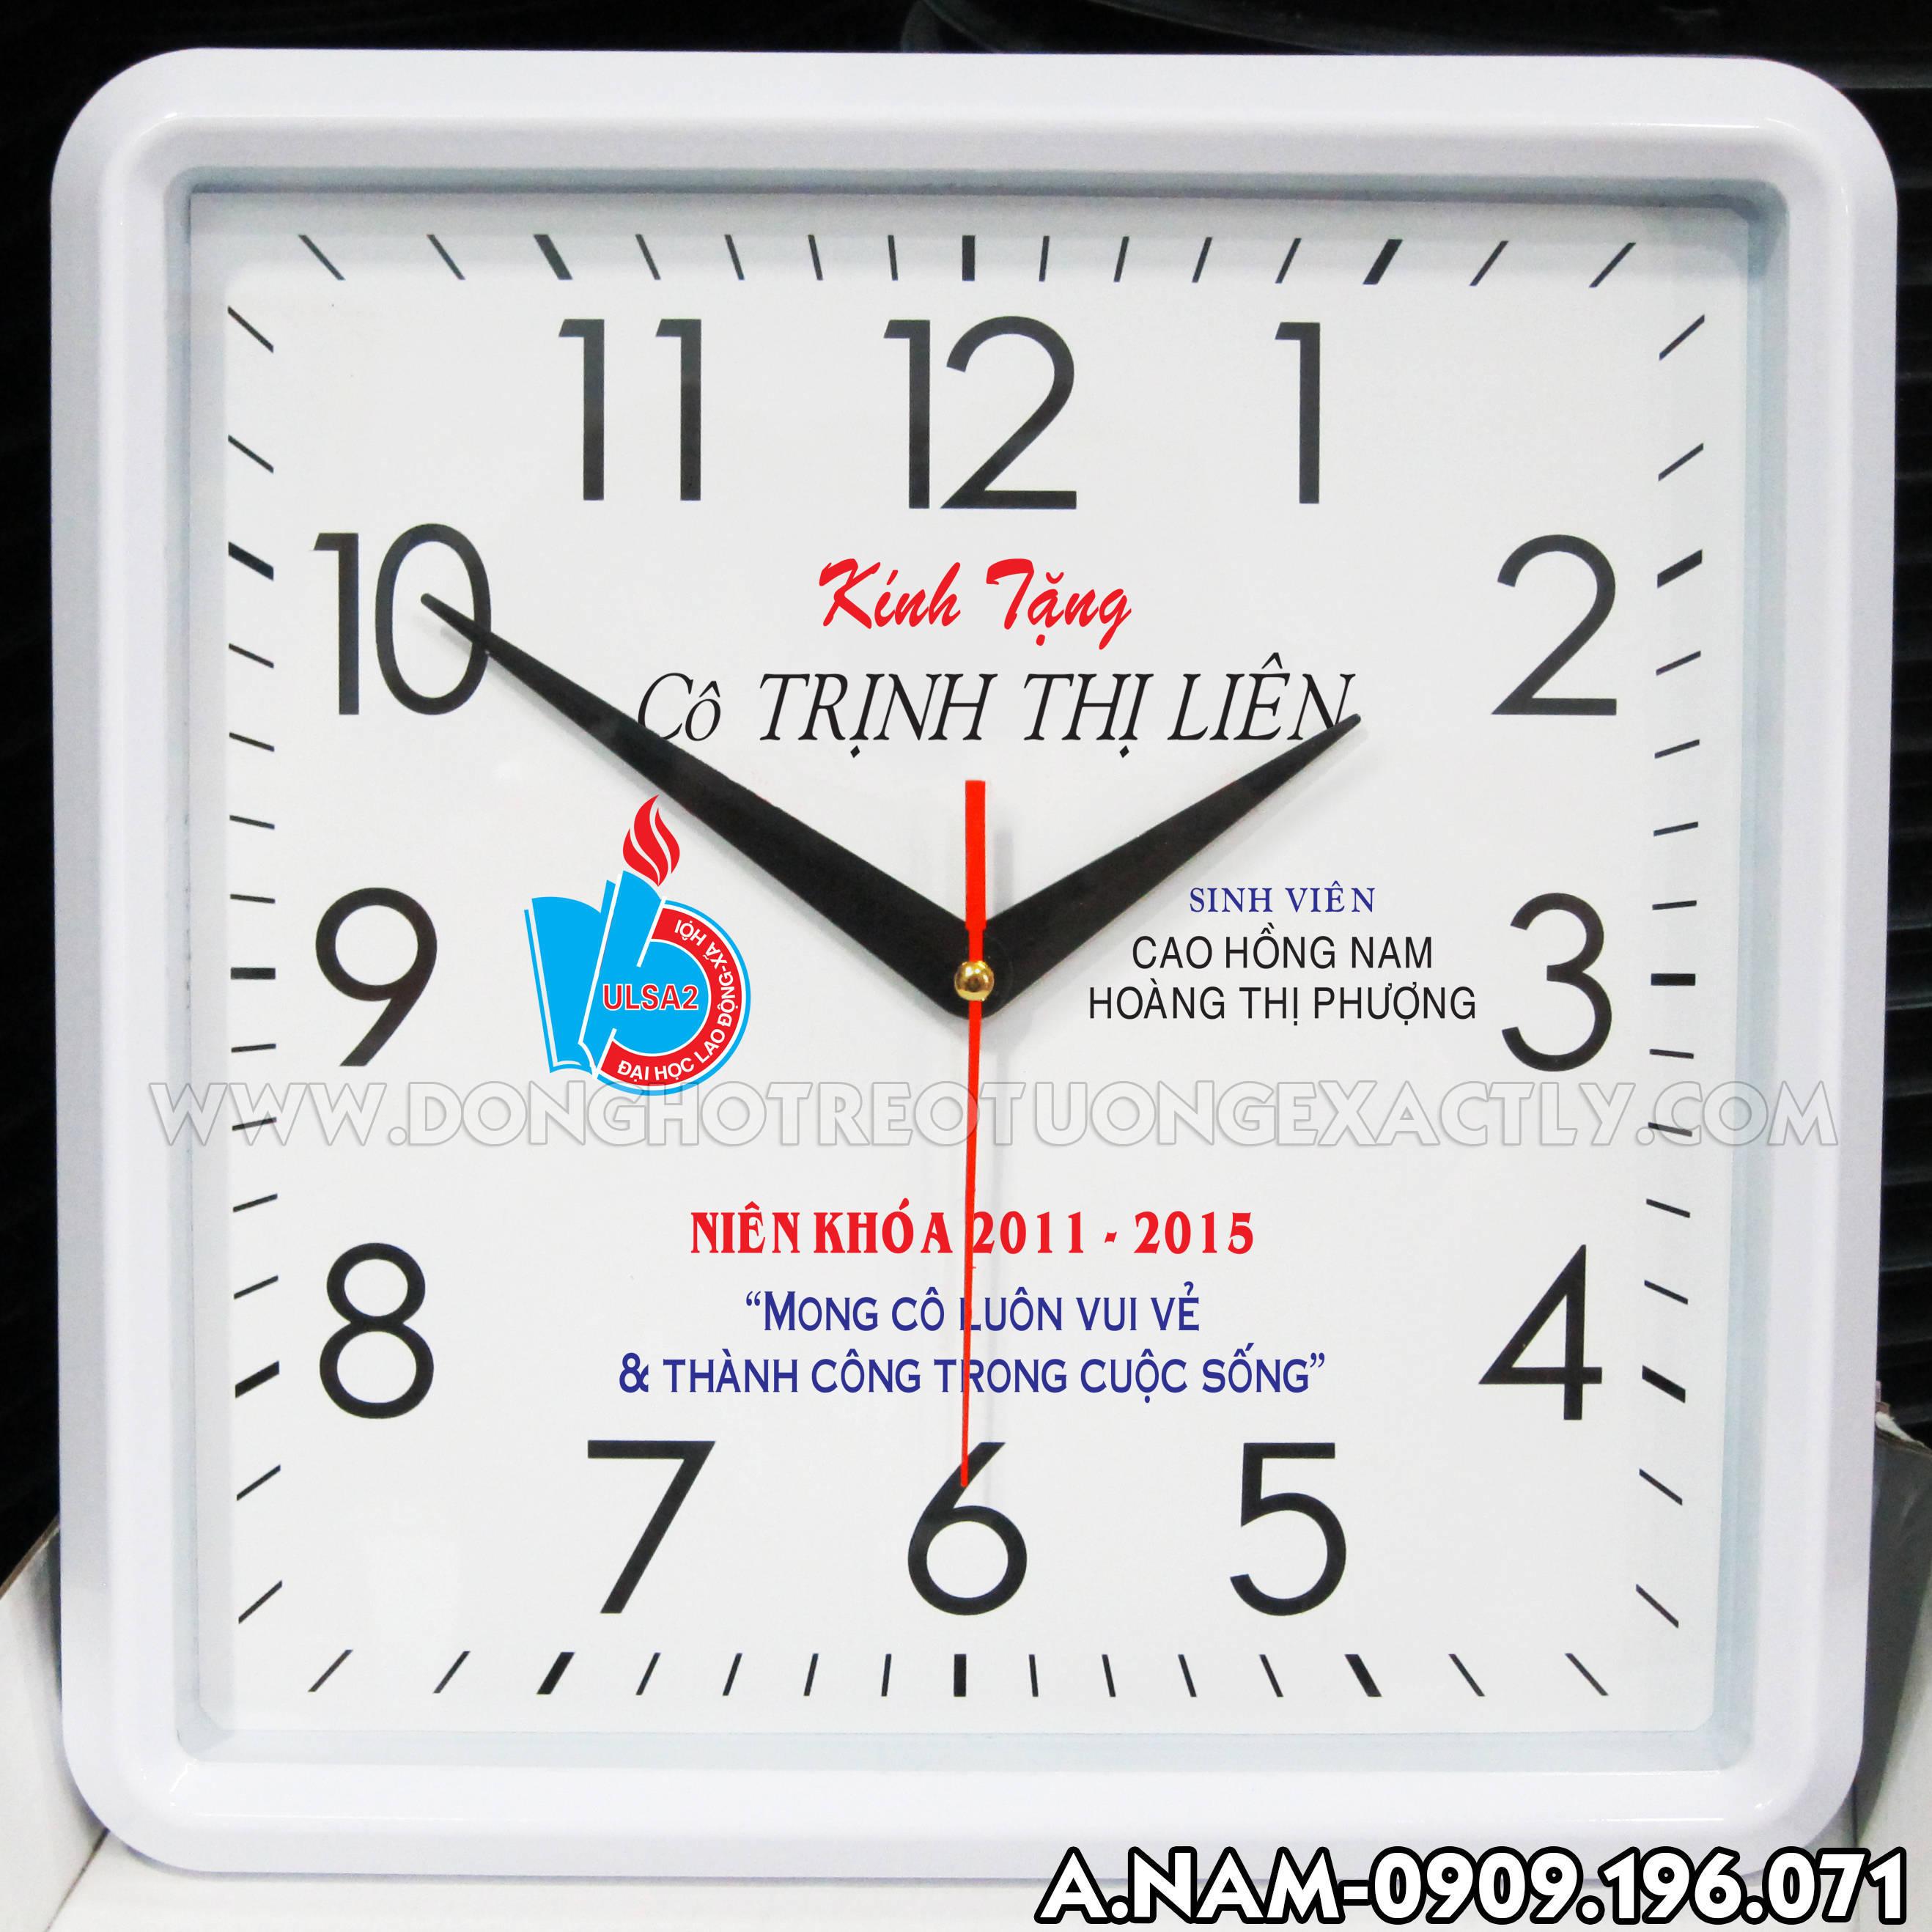 đồng hồ treo tường sinh viên làm quà tặng giáo viên thật ý nghĩa